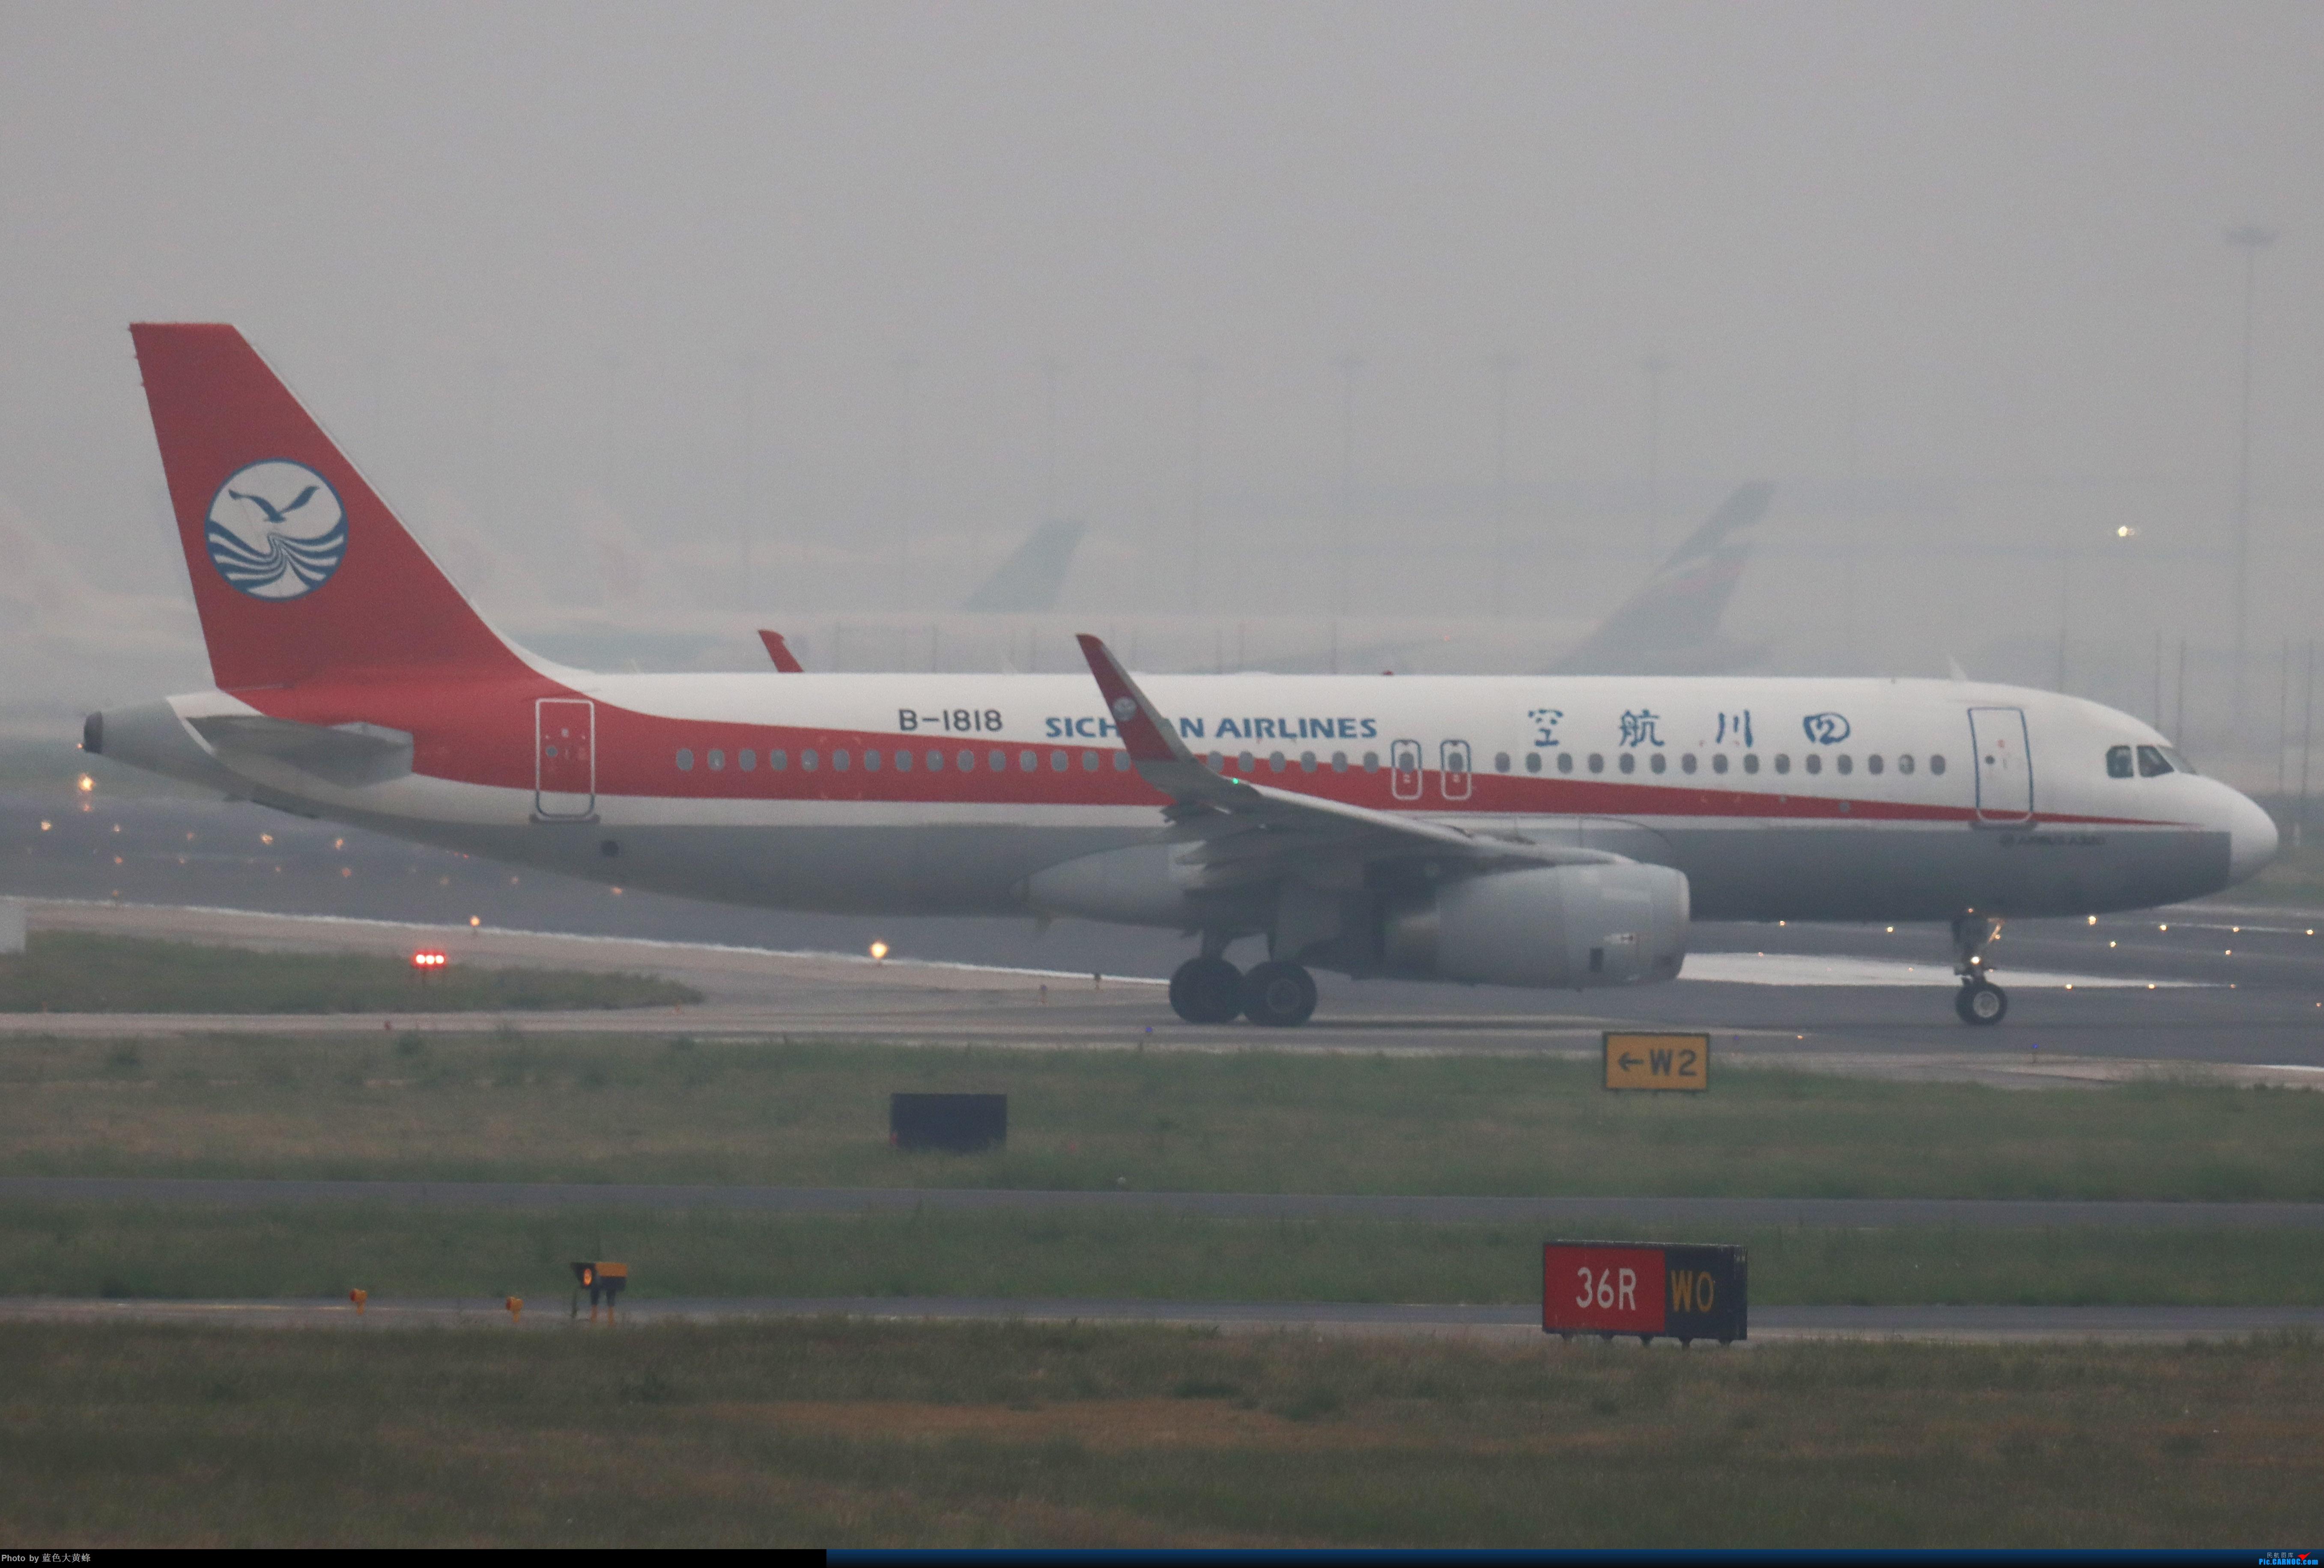 Re:[原创]烂天废片(持续更新) AIRBUS A320-200 B-1818 中国北京首都国际机场